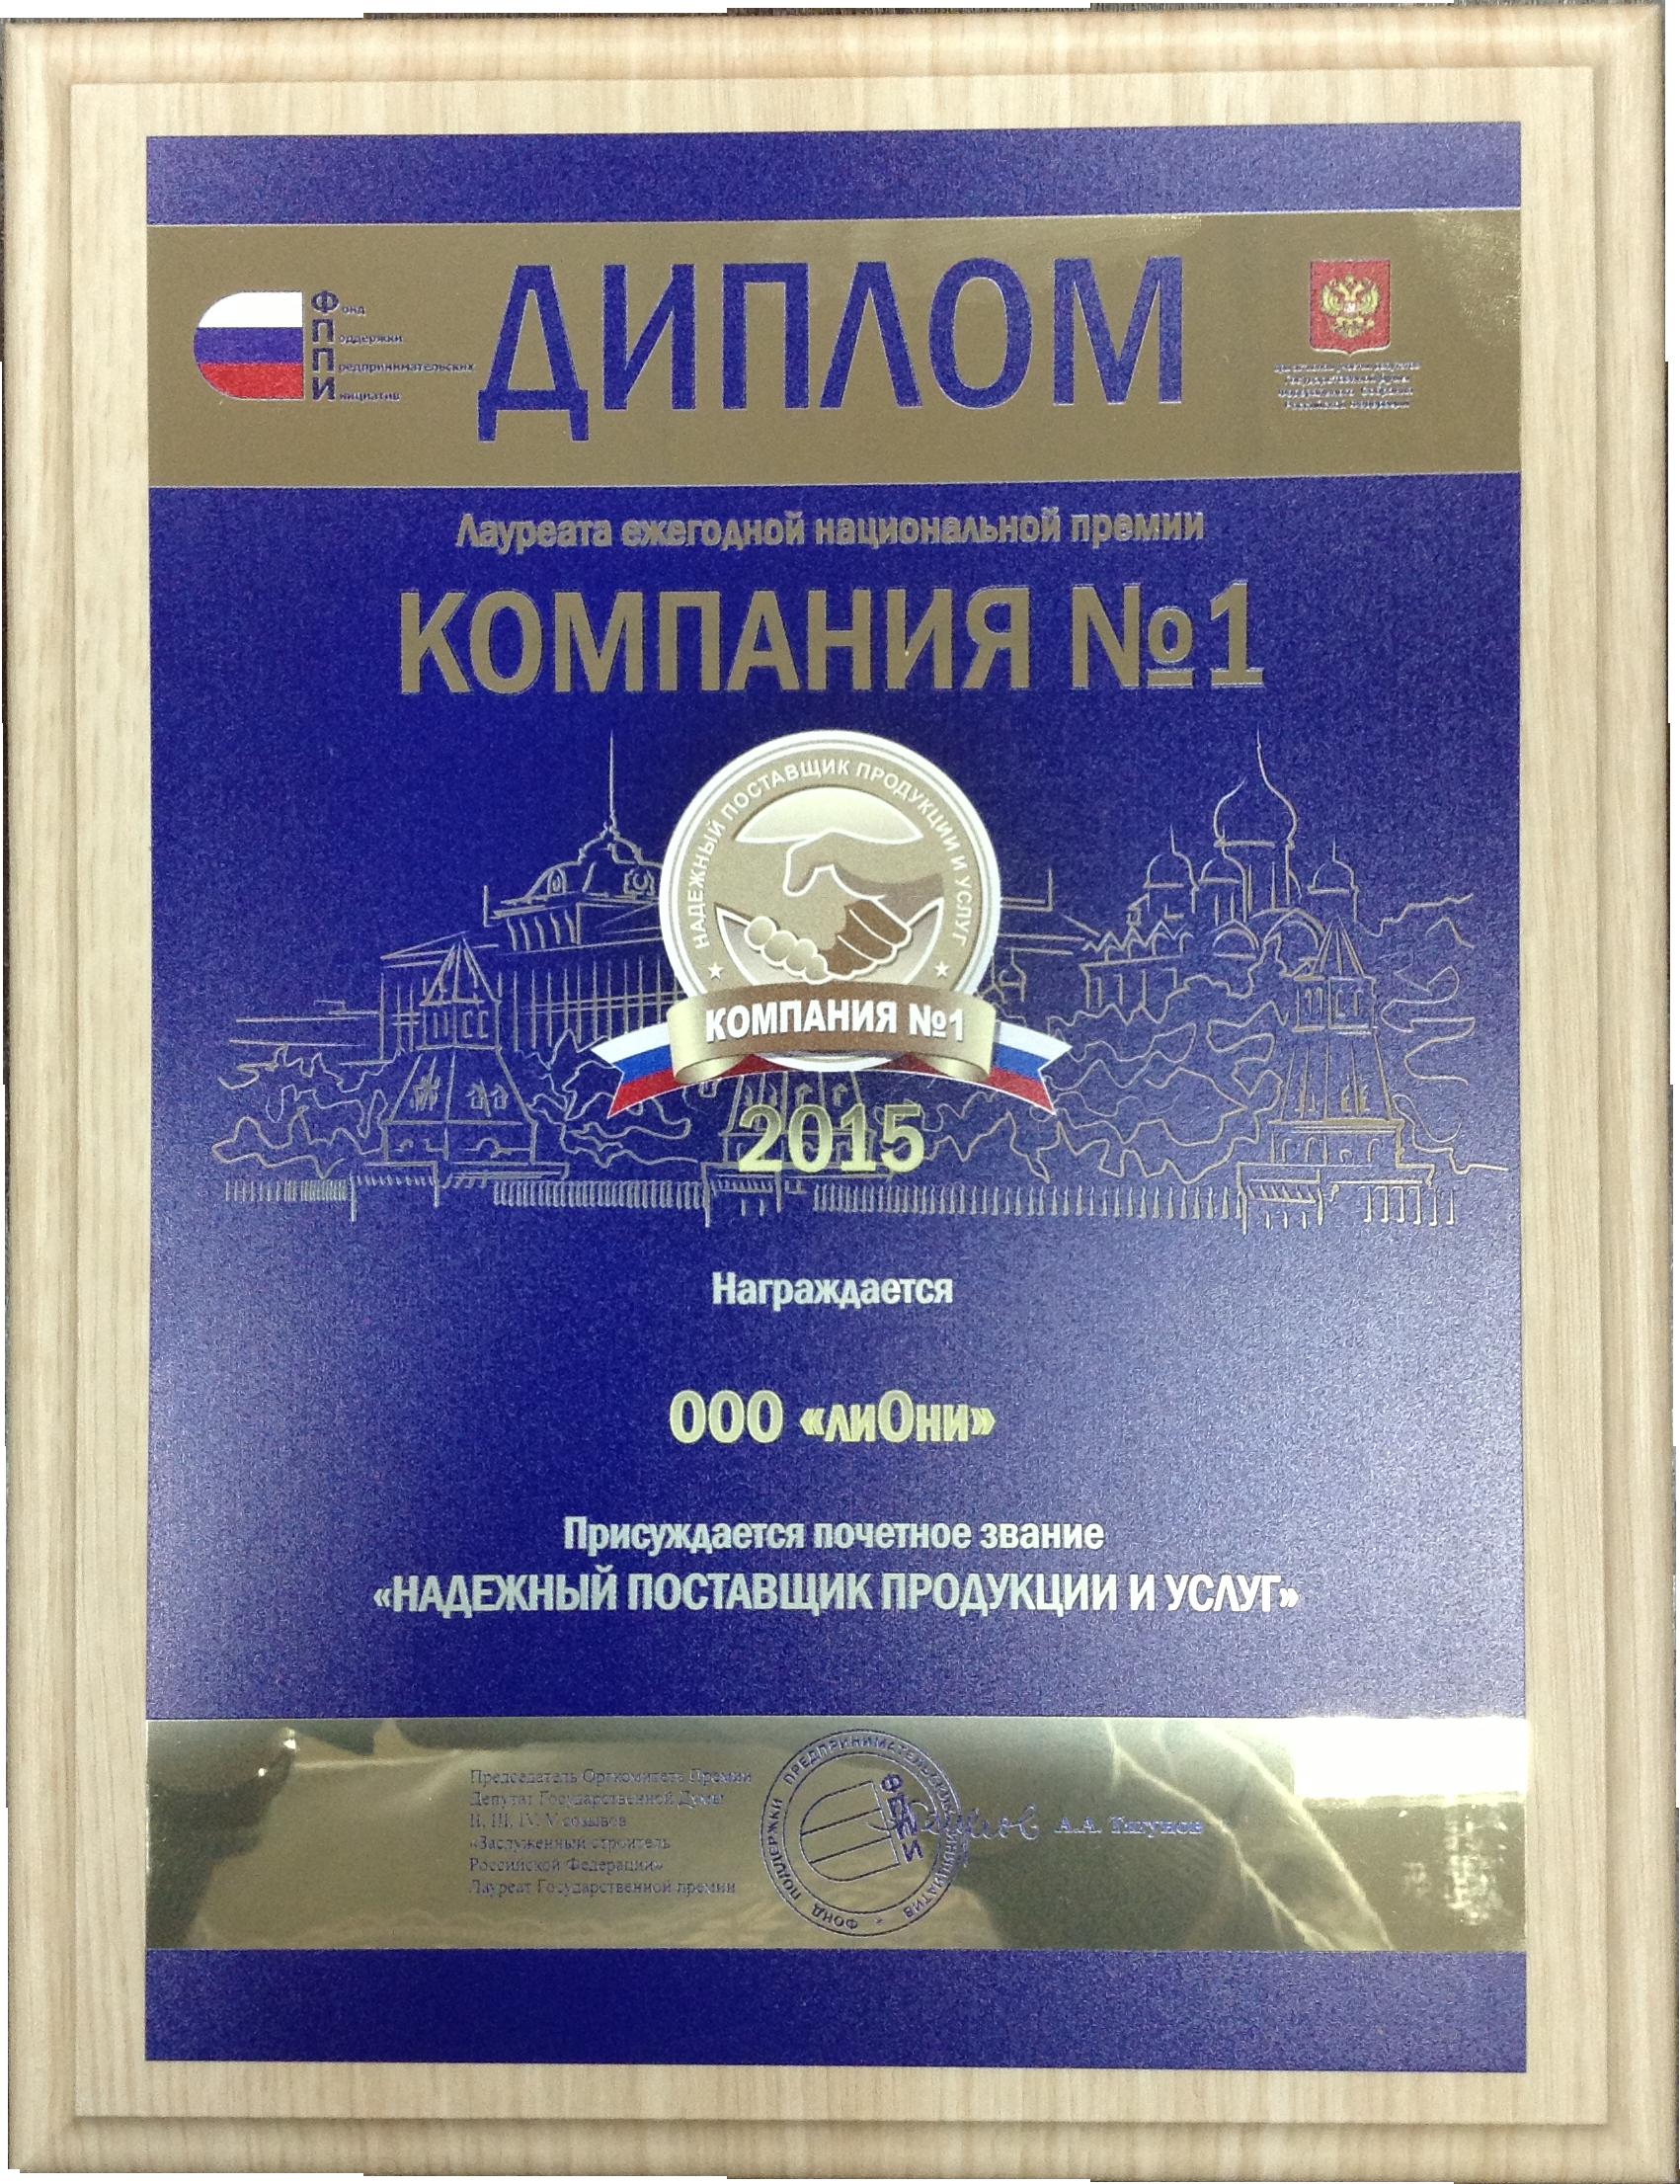 ООО лиОни  Награда от fppi для лиОни Диплом Компания №1